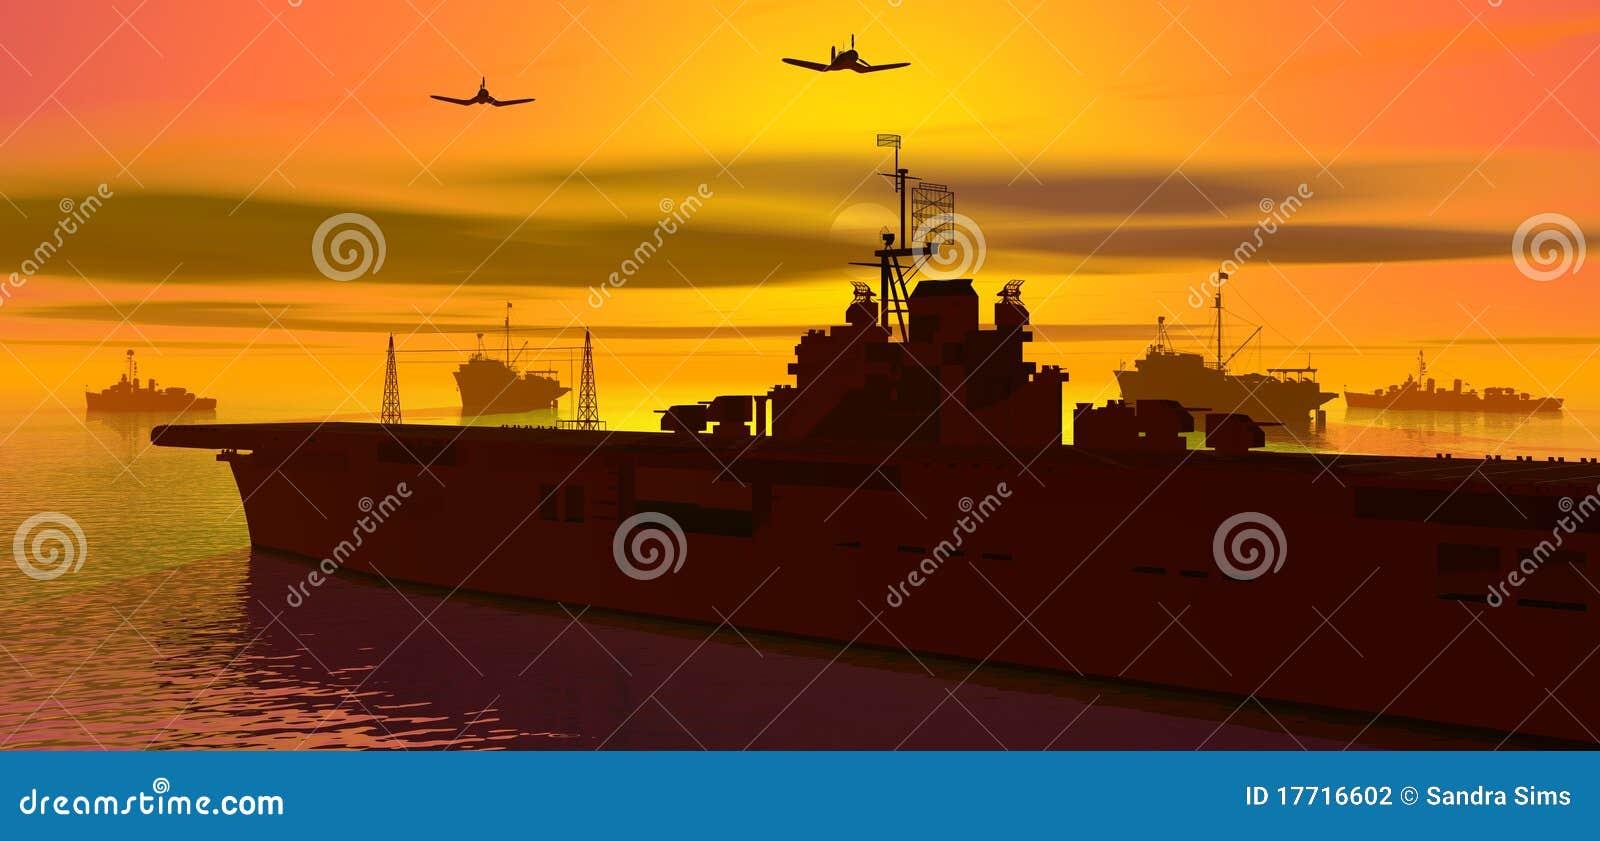 Carrier op zee